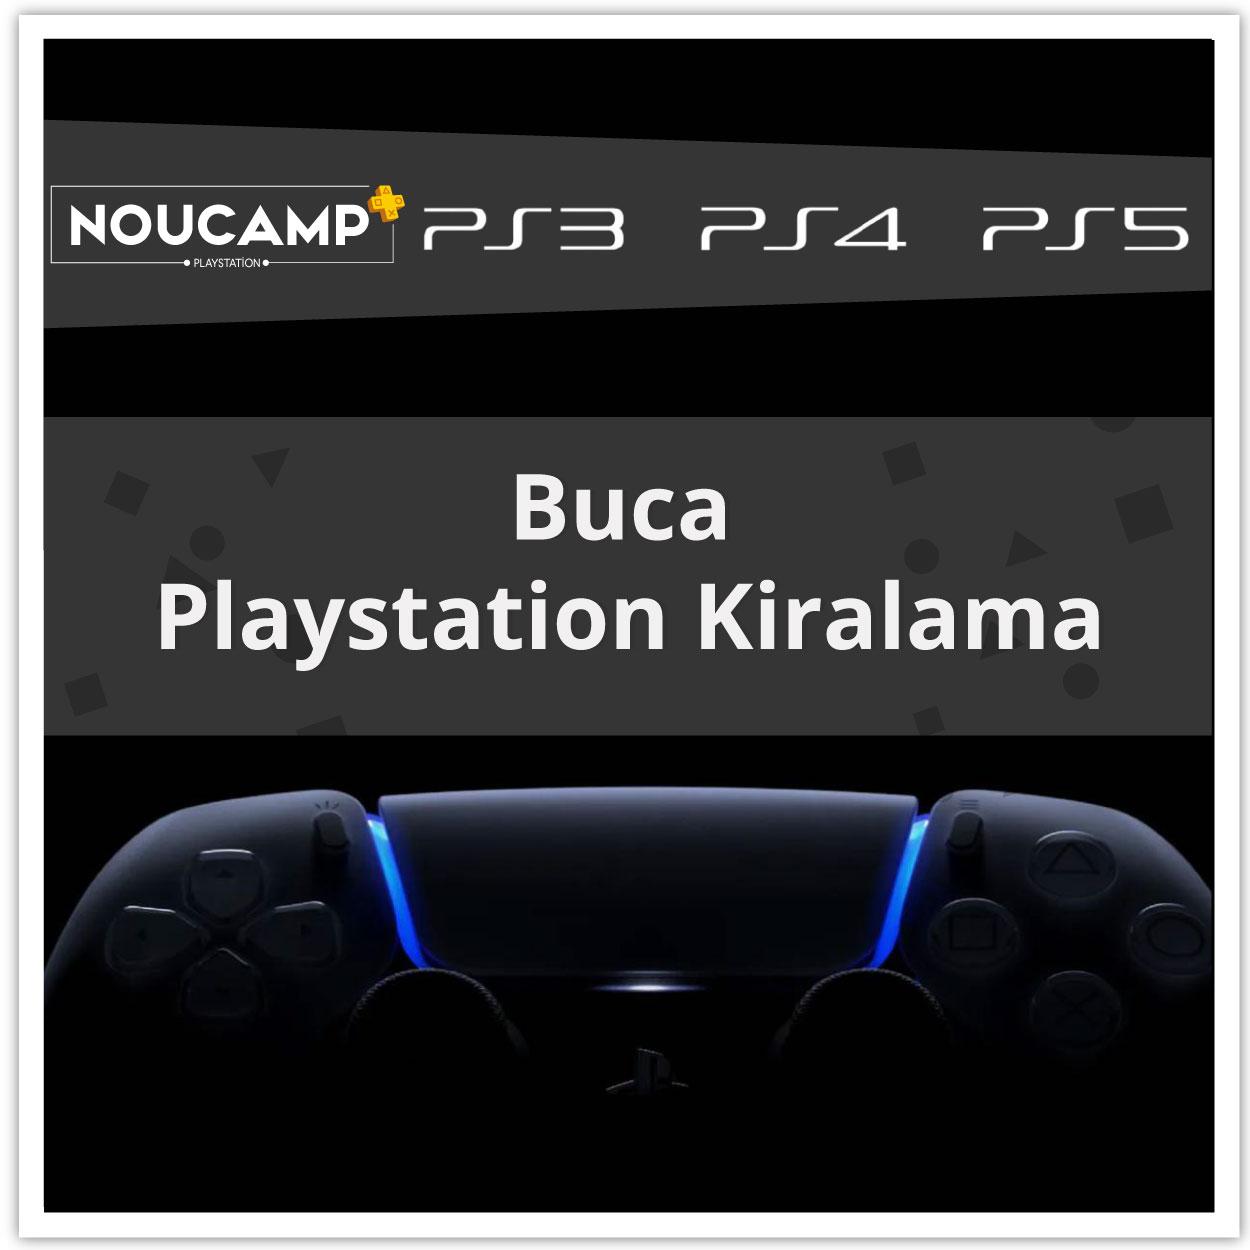 Buca PlayStation Kiralama